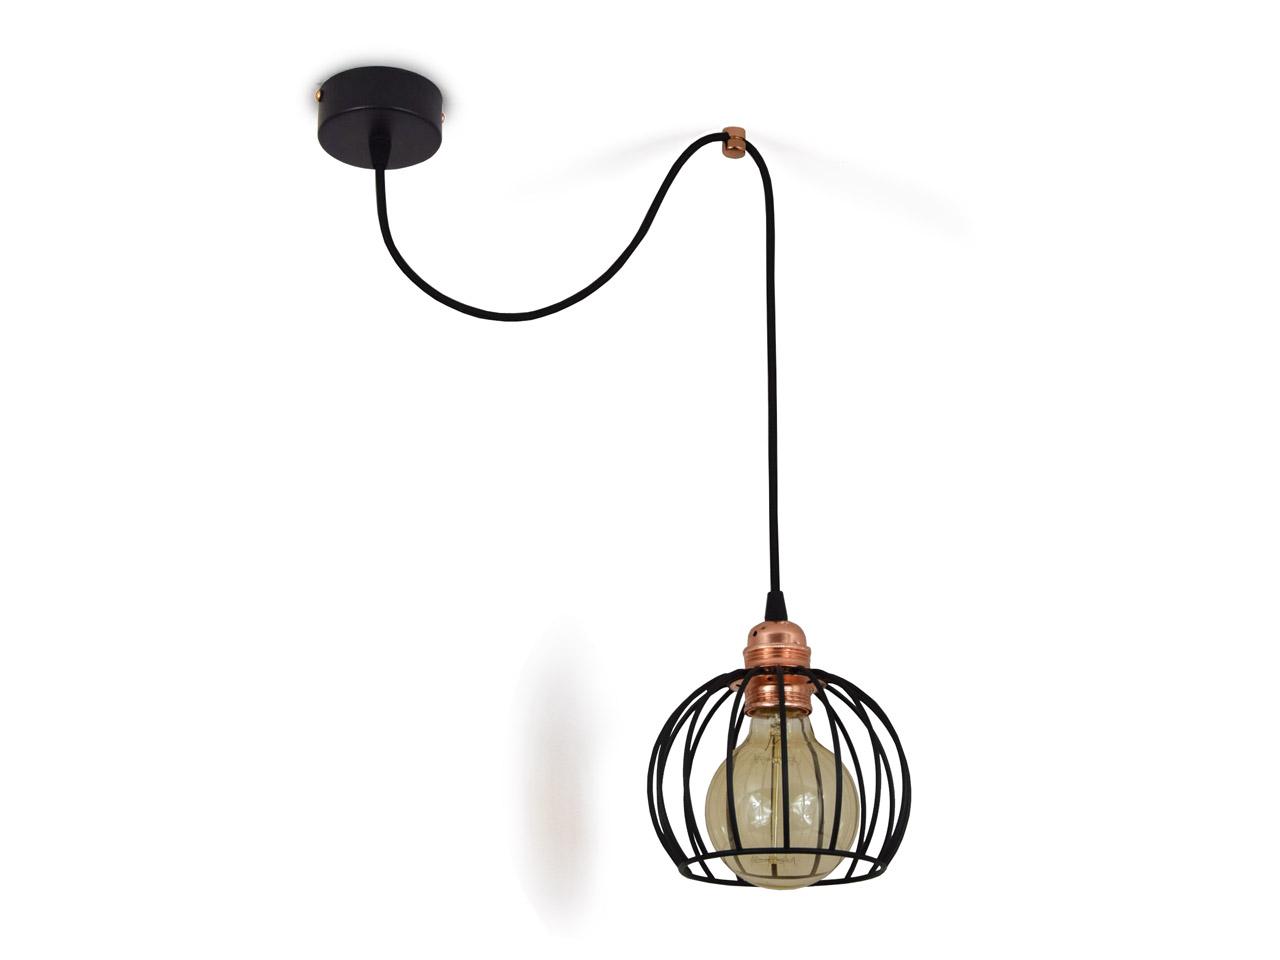 Wandleuchte hängelampe schwarz viele varianten lampe